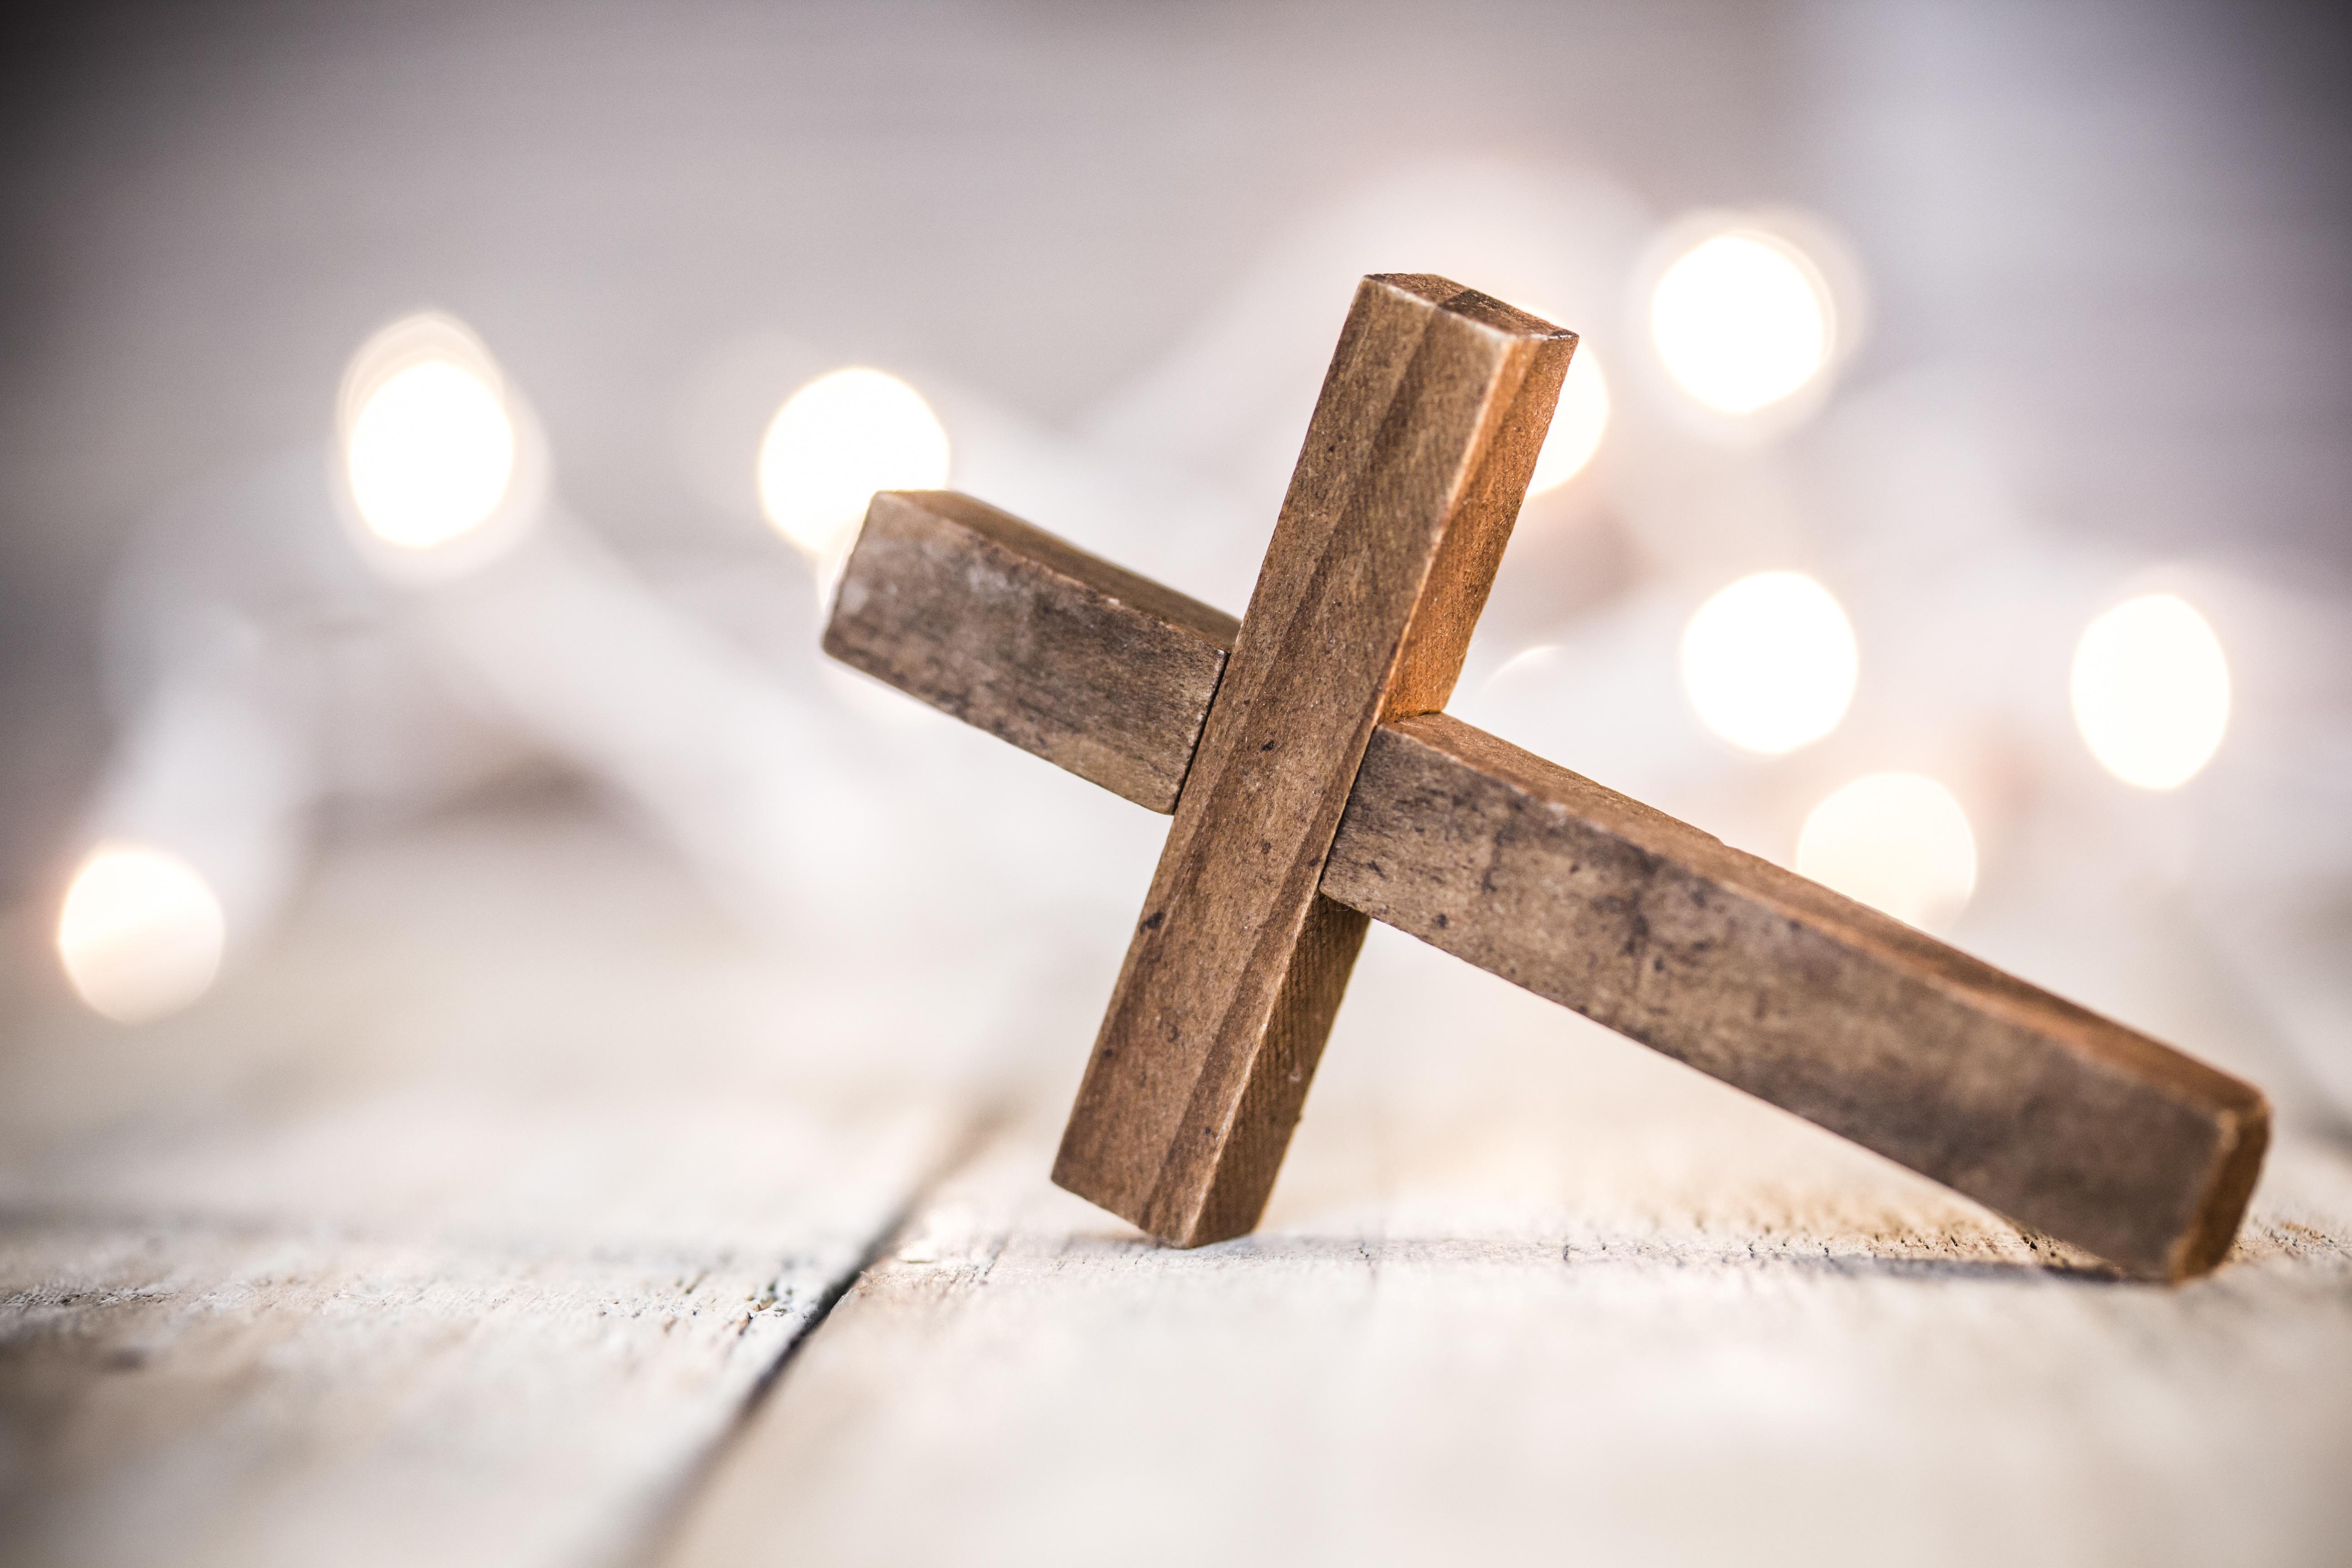 Kreuz soll Segen bringen | mk online